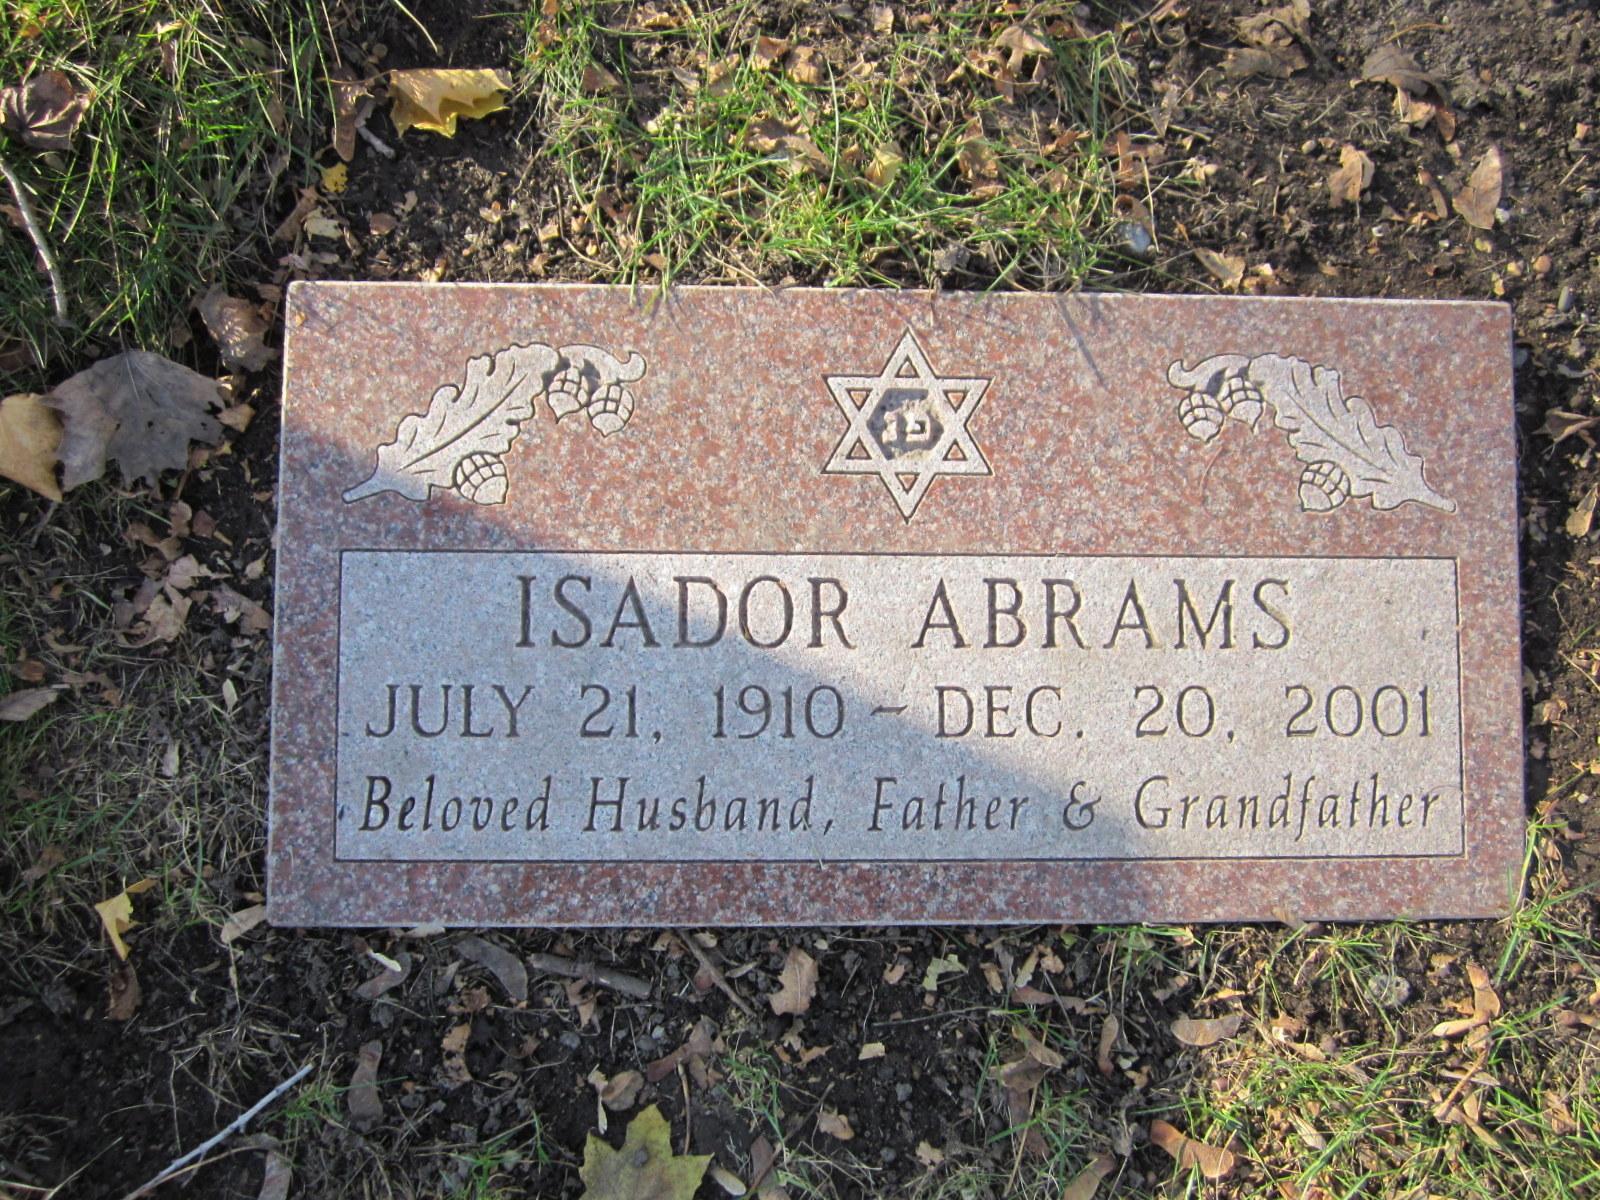 Isador Abrams